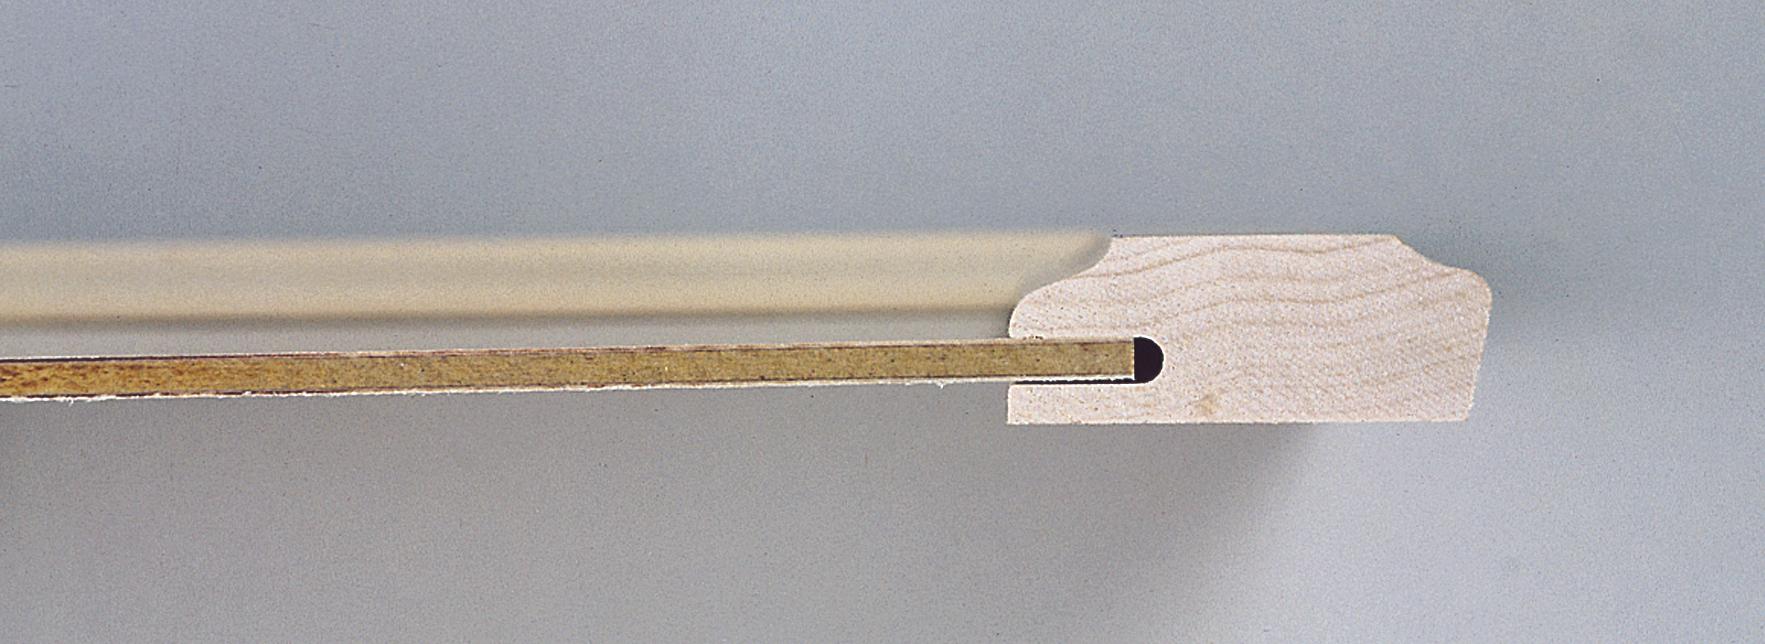 Recessed door panel cutaway photo